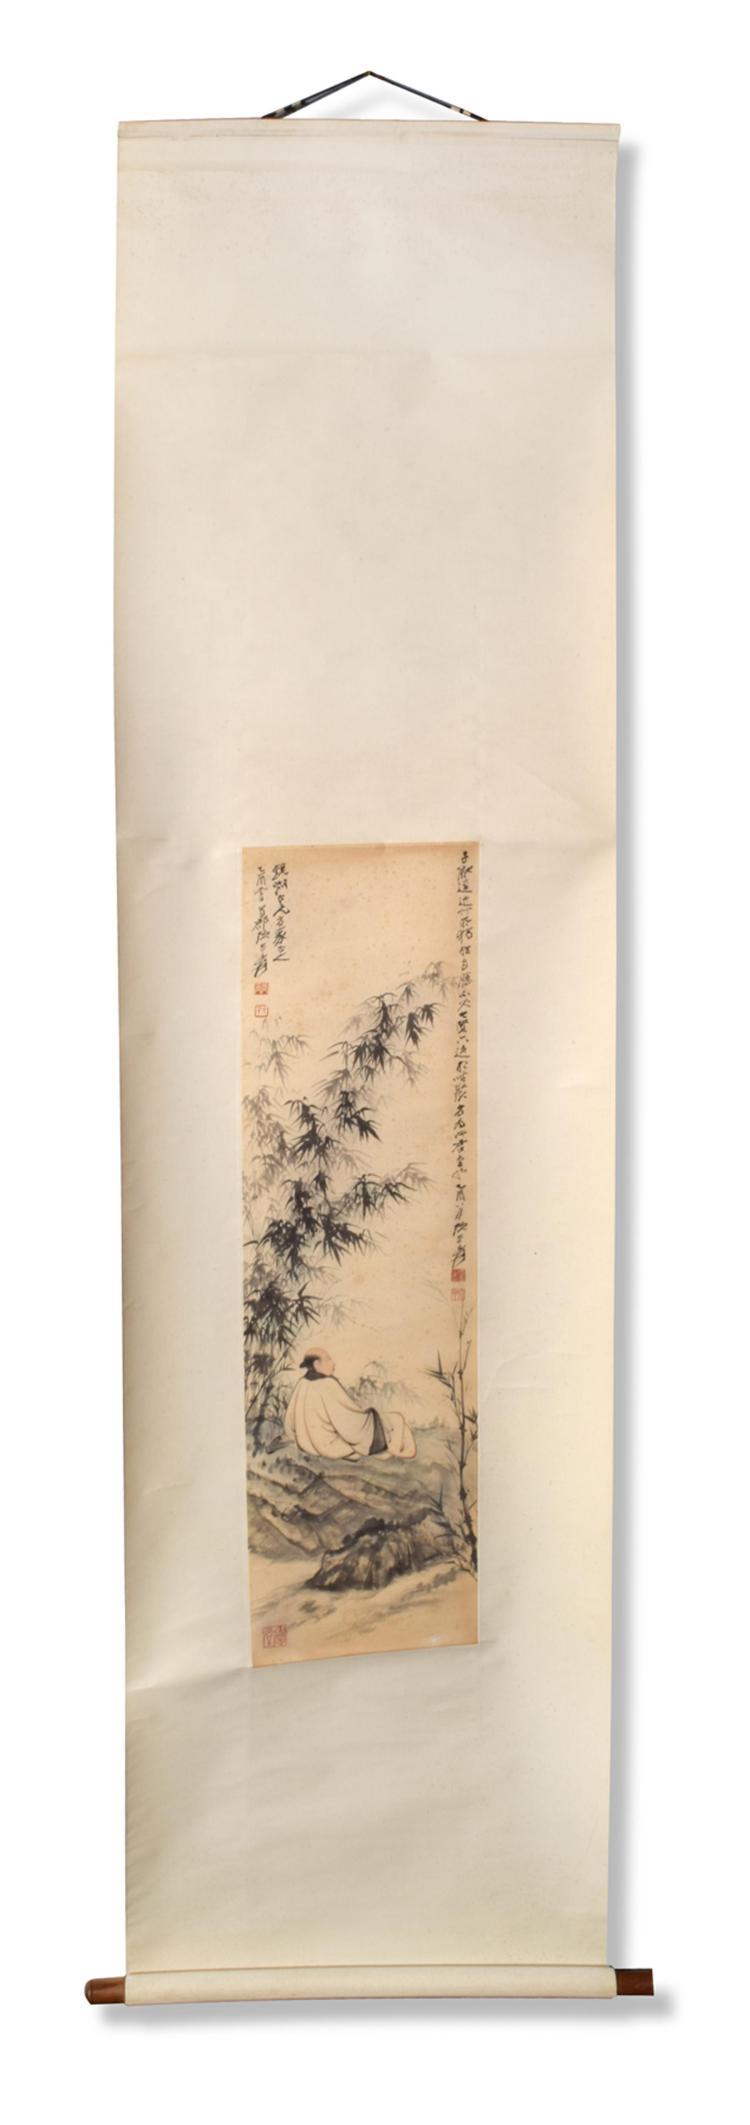 SCHOLAR IN A BAMBOO GROVE BY ZHANG DAQIAN.